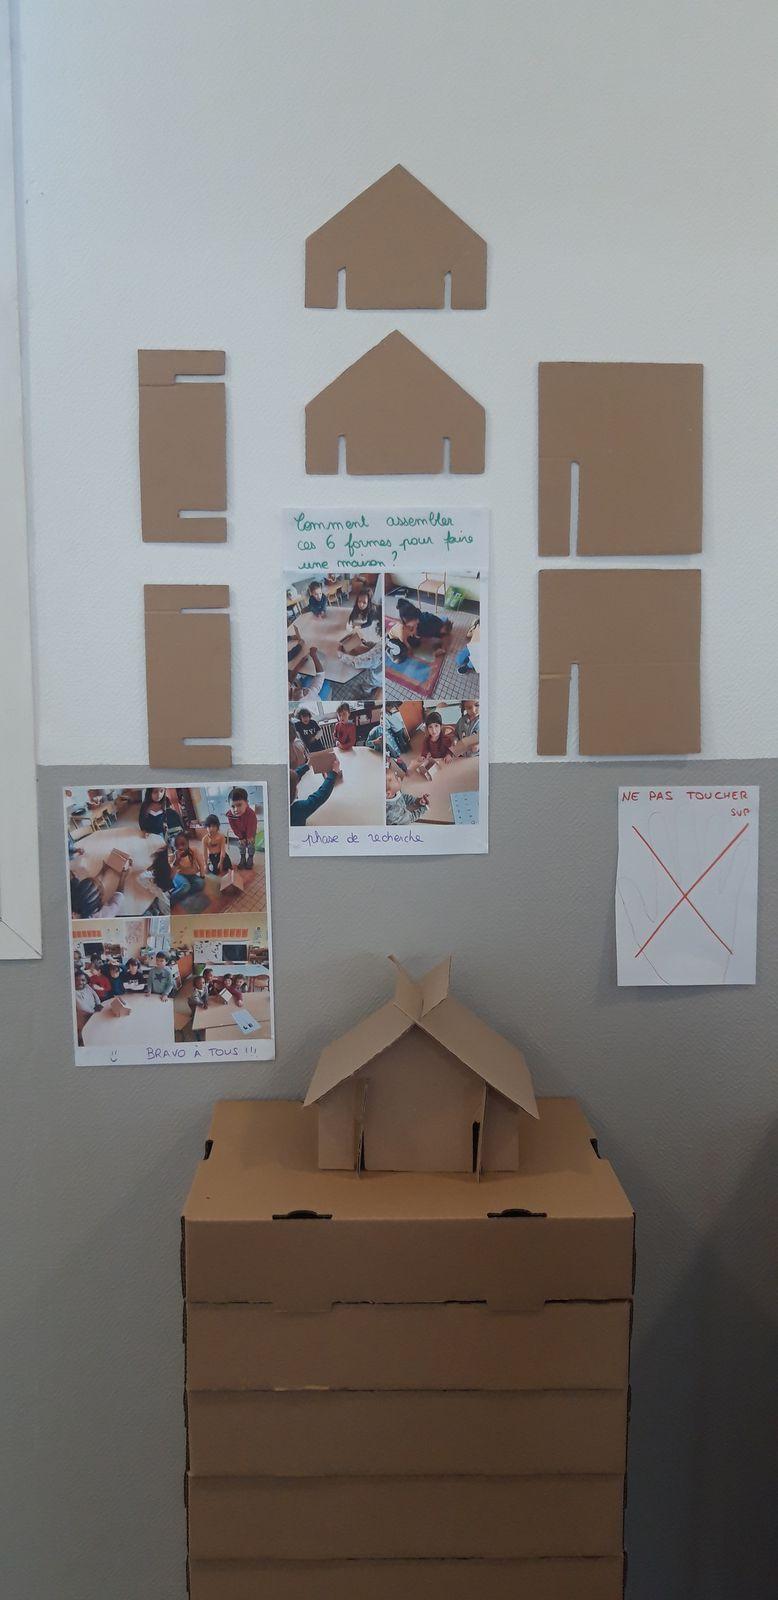 Pour des GS et MS, dessins et peintures à plat, situations de recherche pour fabrication de maisons en papier, situations de recherche pour fixation de maquettes en carton, maisons à manger !